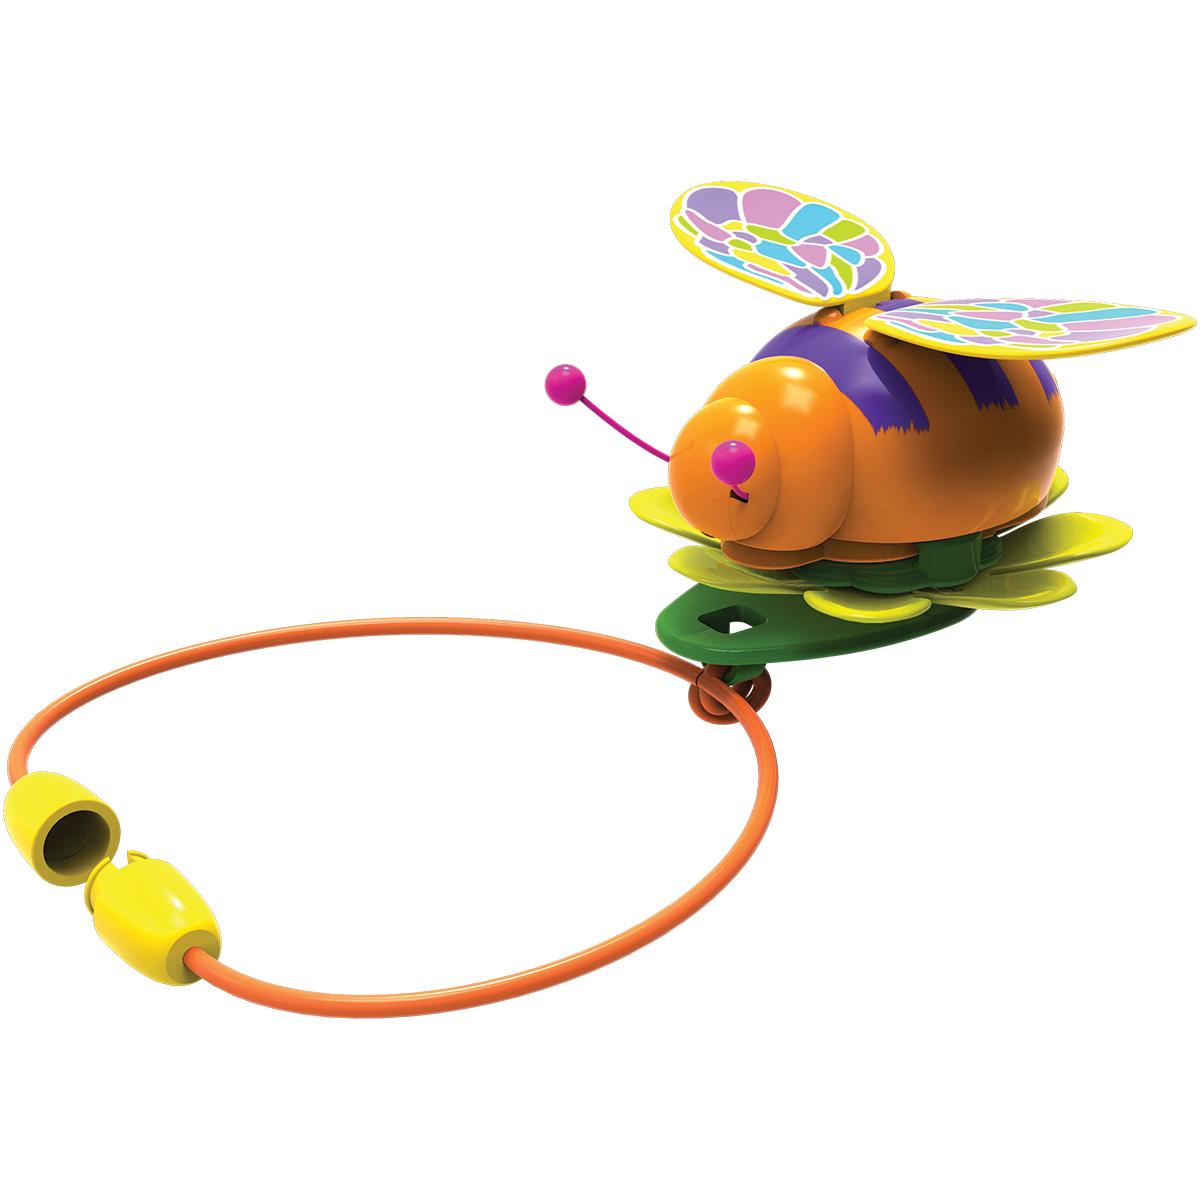 Magic Blooms Интерактивная игрушка - Волшебный жучок с ожерельем